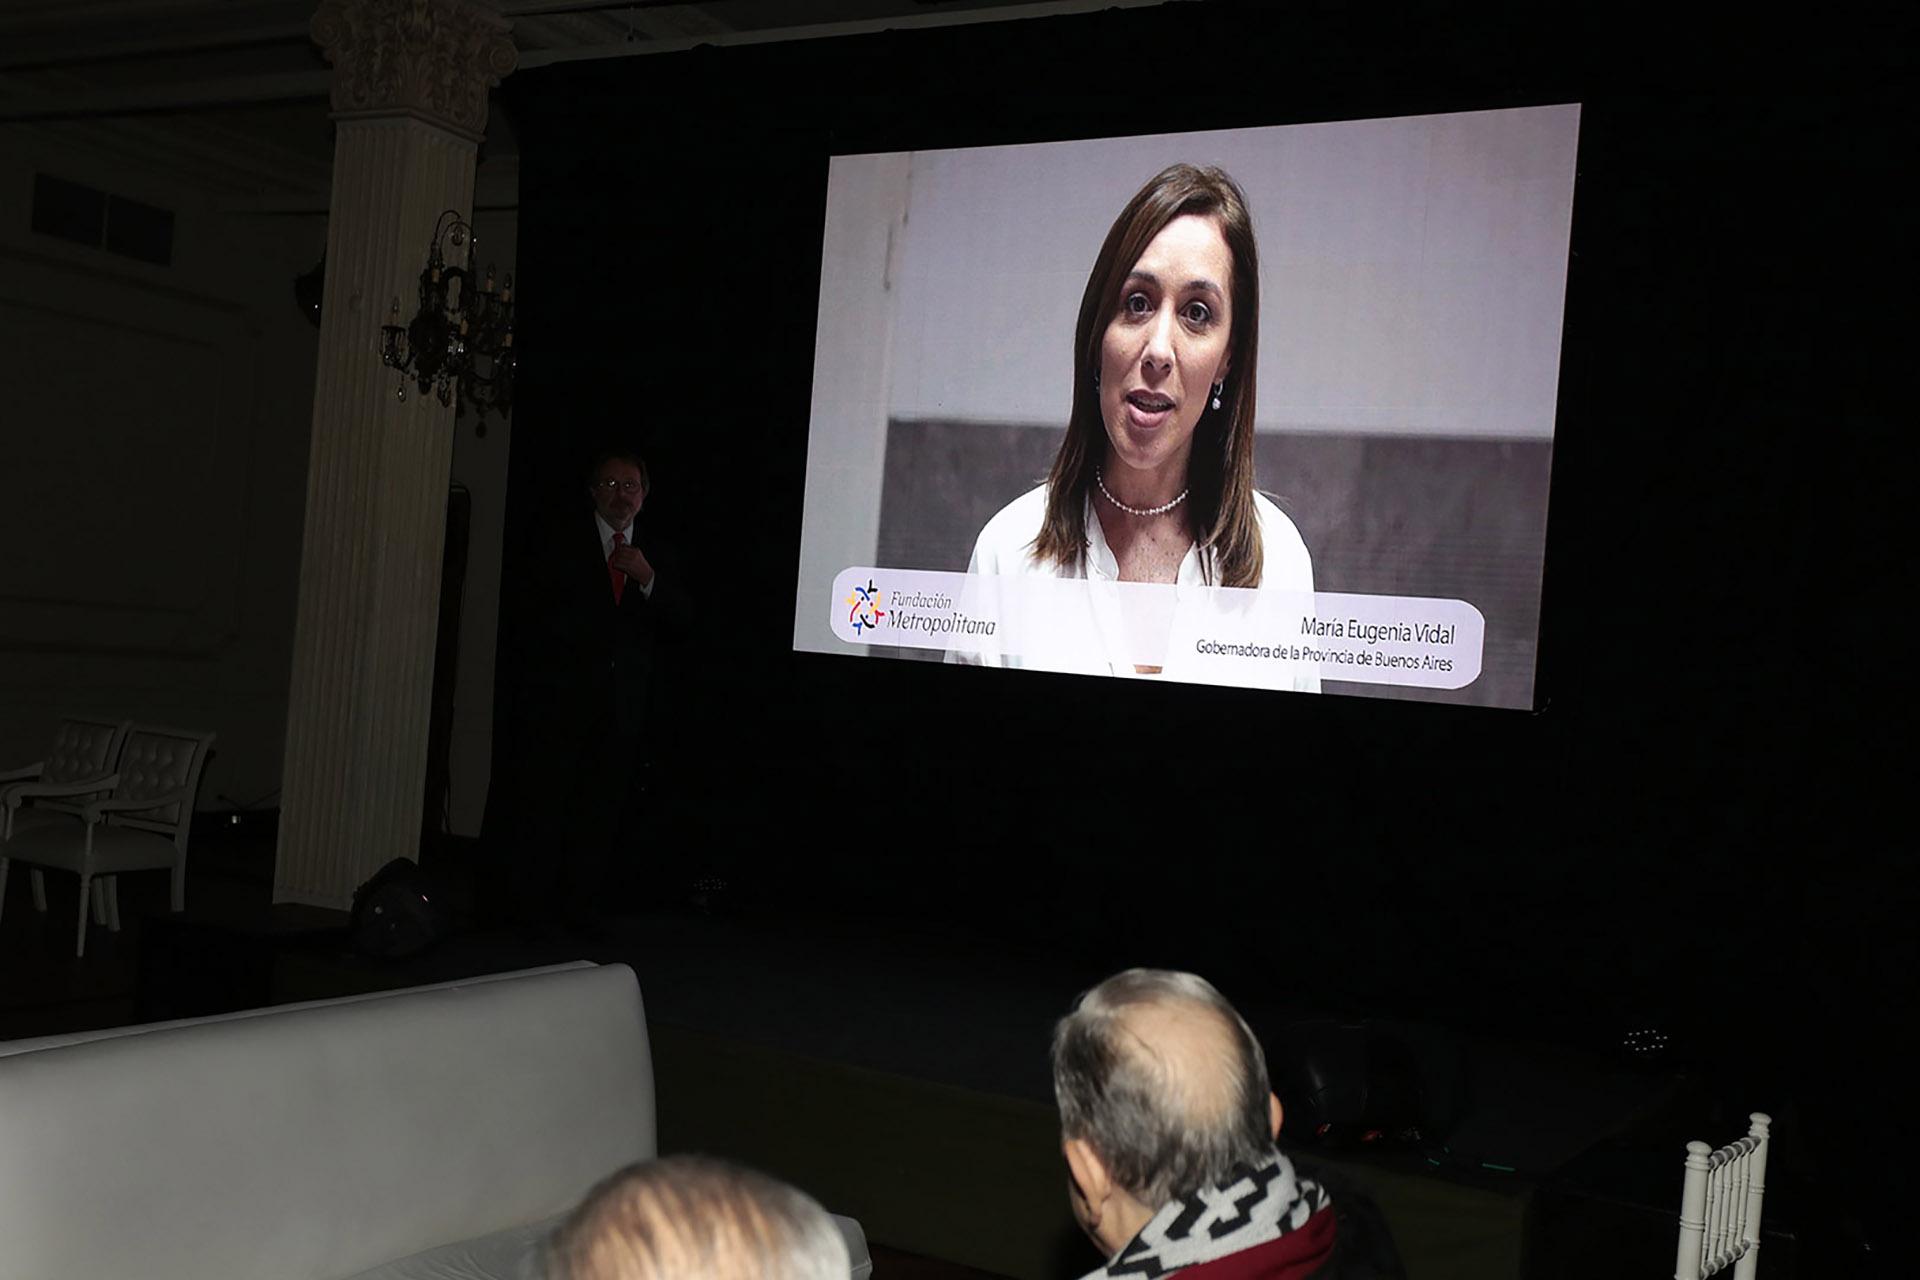 El mensaje de María Eugenia Vidal, gobernadora de la provincia de Buenos Aires